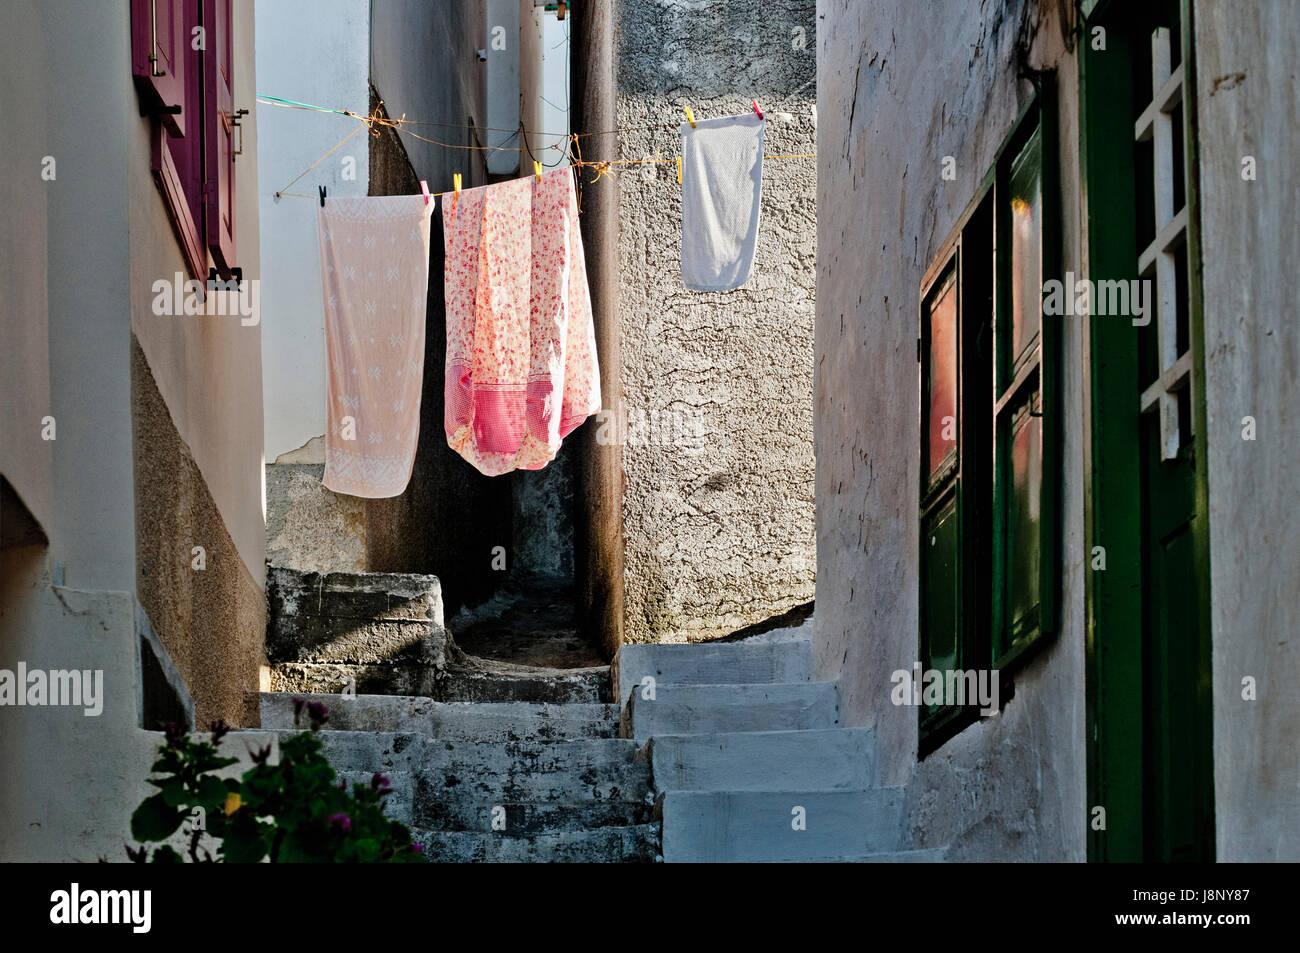 Wäscheständer in engen Straße Stockfoto